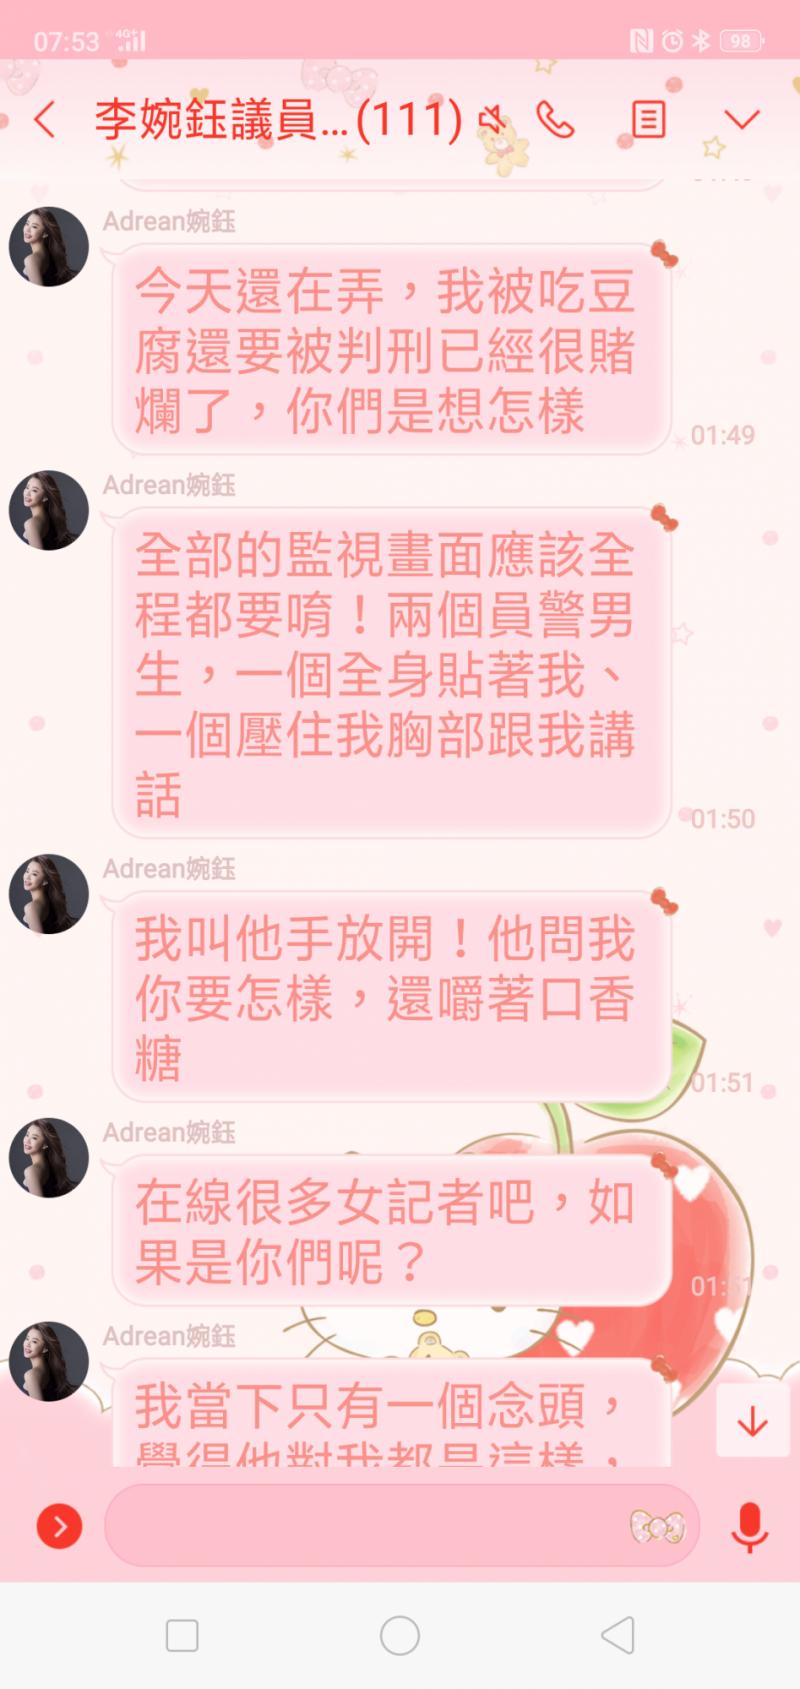 前新北市議員李婉鈺對於判決結果不滿,在媒體群組發飆。(記者賴筱桐翻攝)